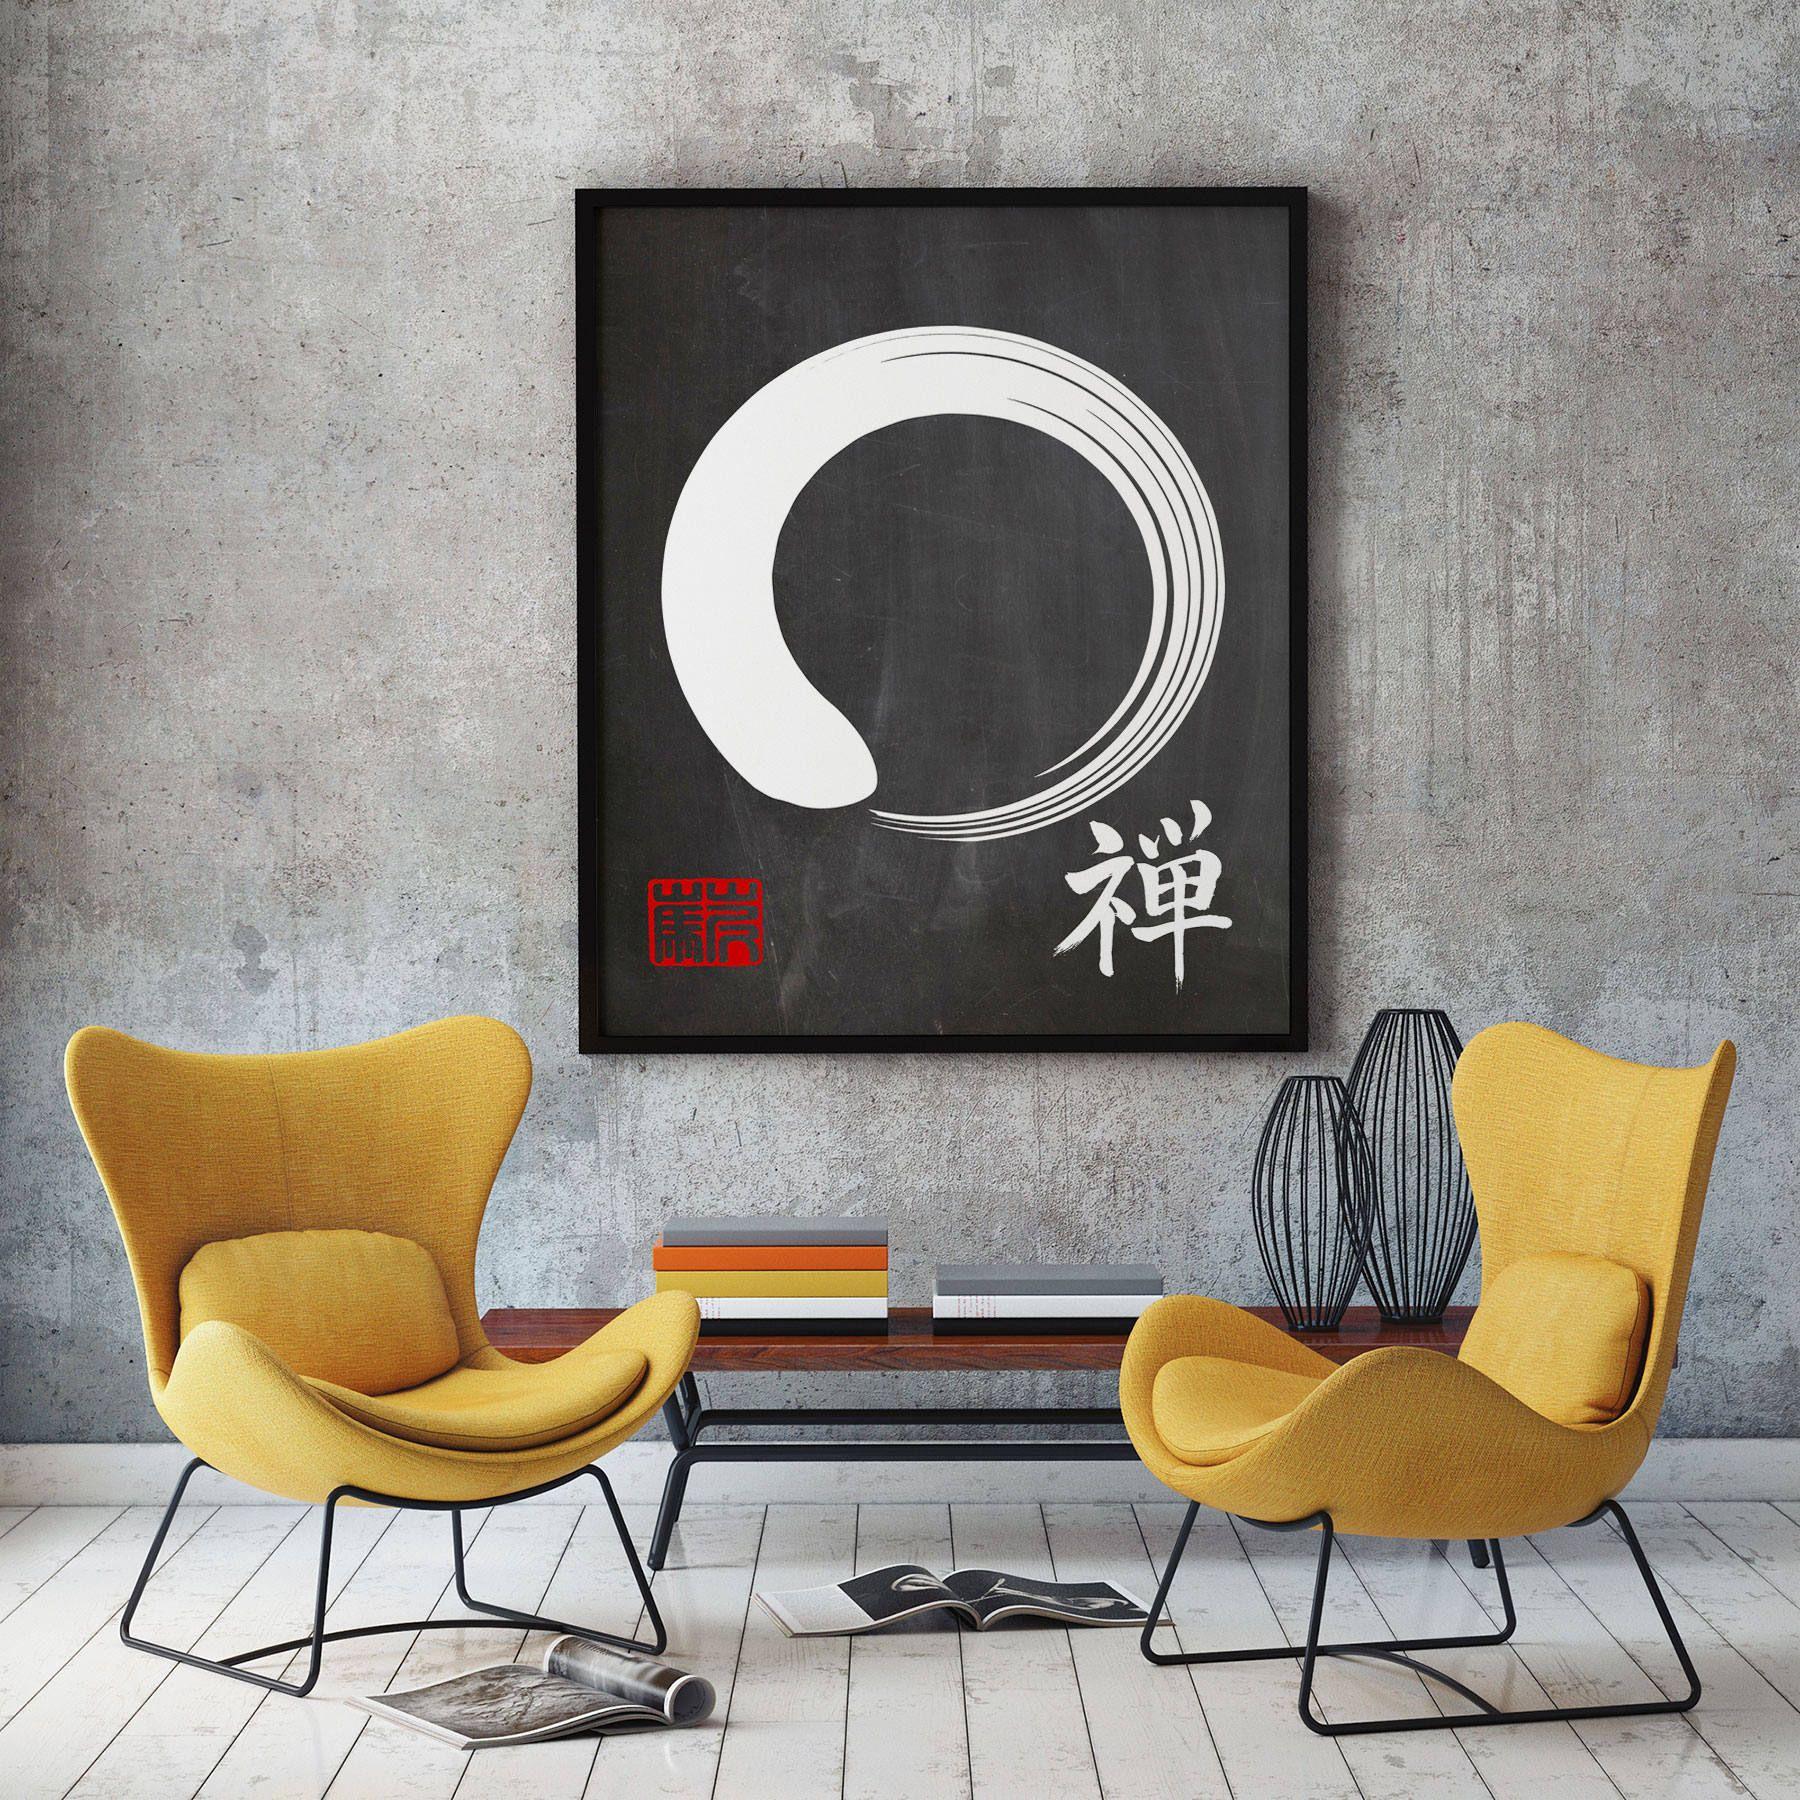 Enso Poster Zen Poster Enso Wall Art Japanese Calligraphy Art Etsy Calligraphy Art Japanese Calligraphy Art Zen Wall Art